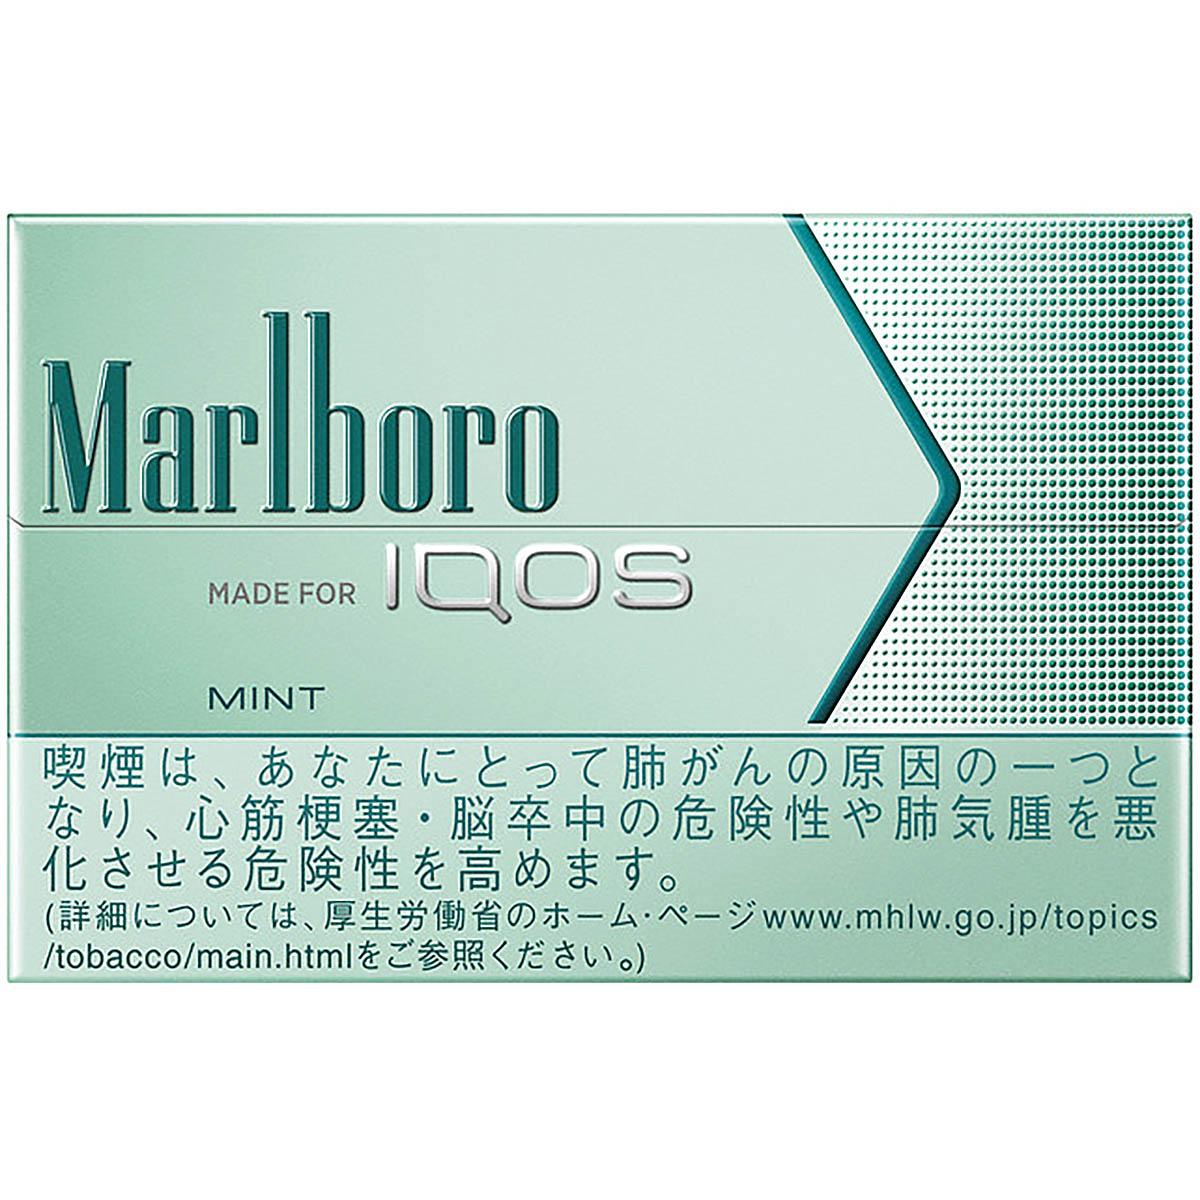 Marlboro - Mint